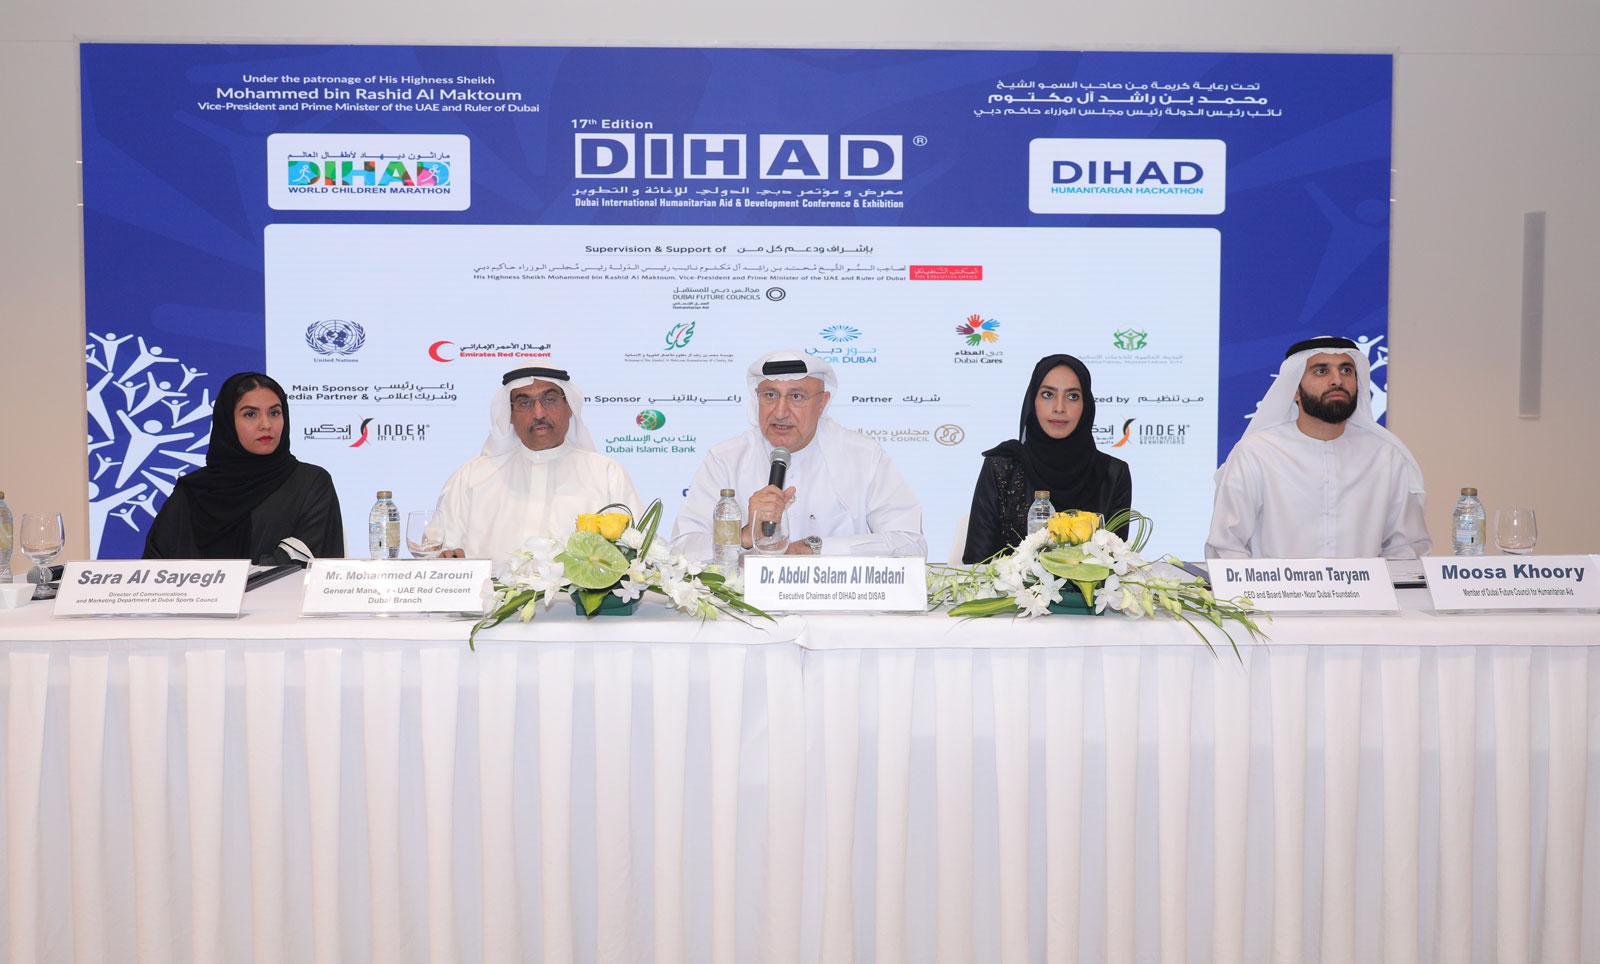 dihad hosts humanitarian week in dubai in march 1